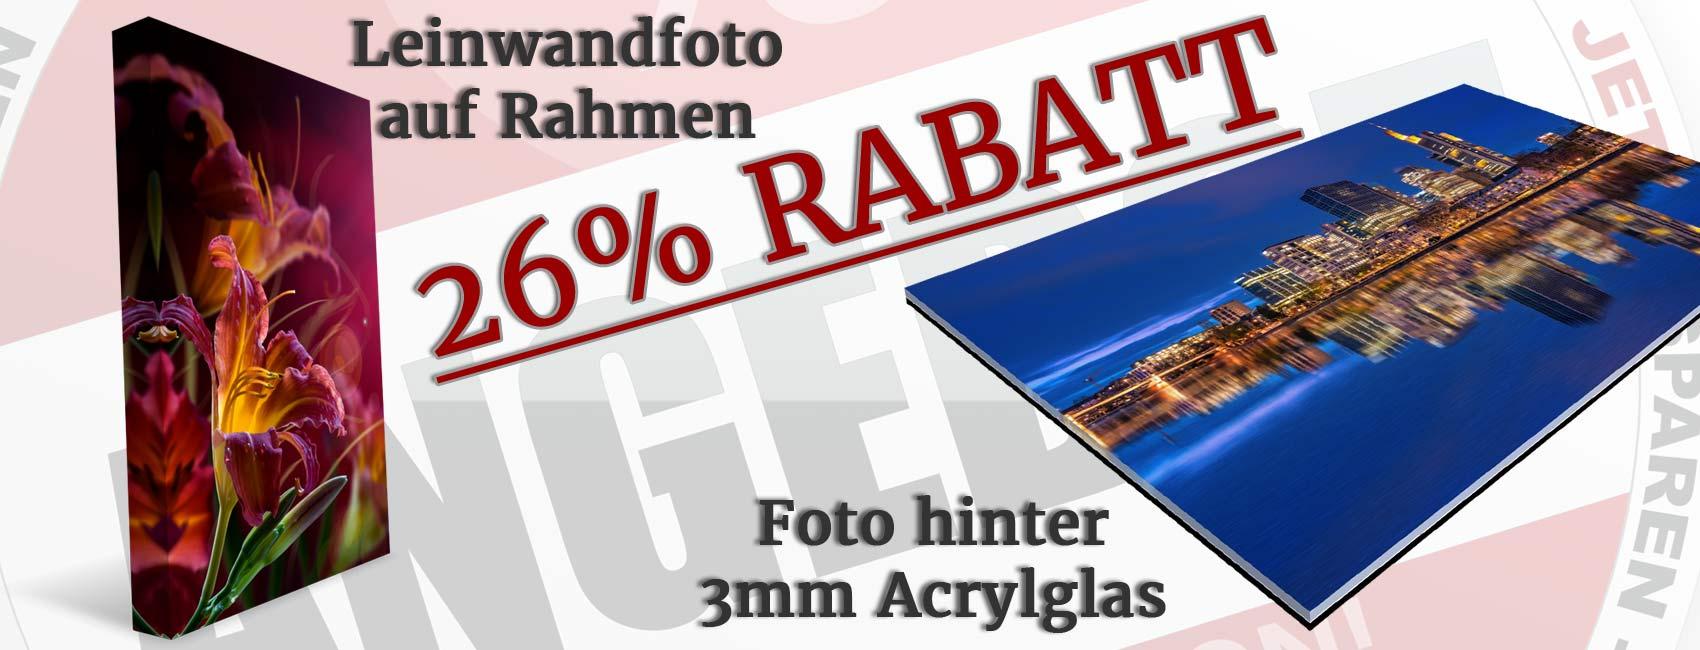 Leinwandfoto und Bilder hinter Acrylglas im Angebot